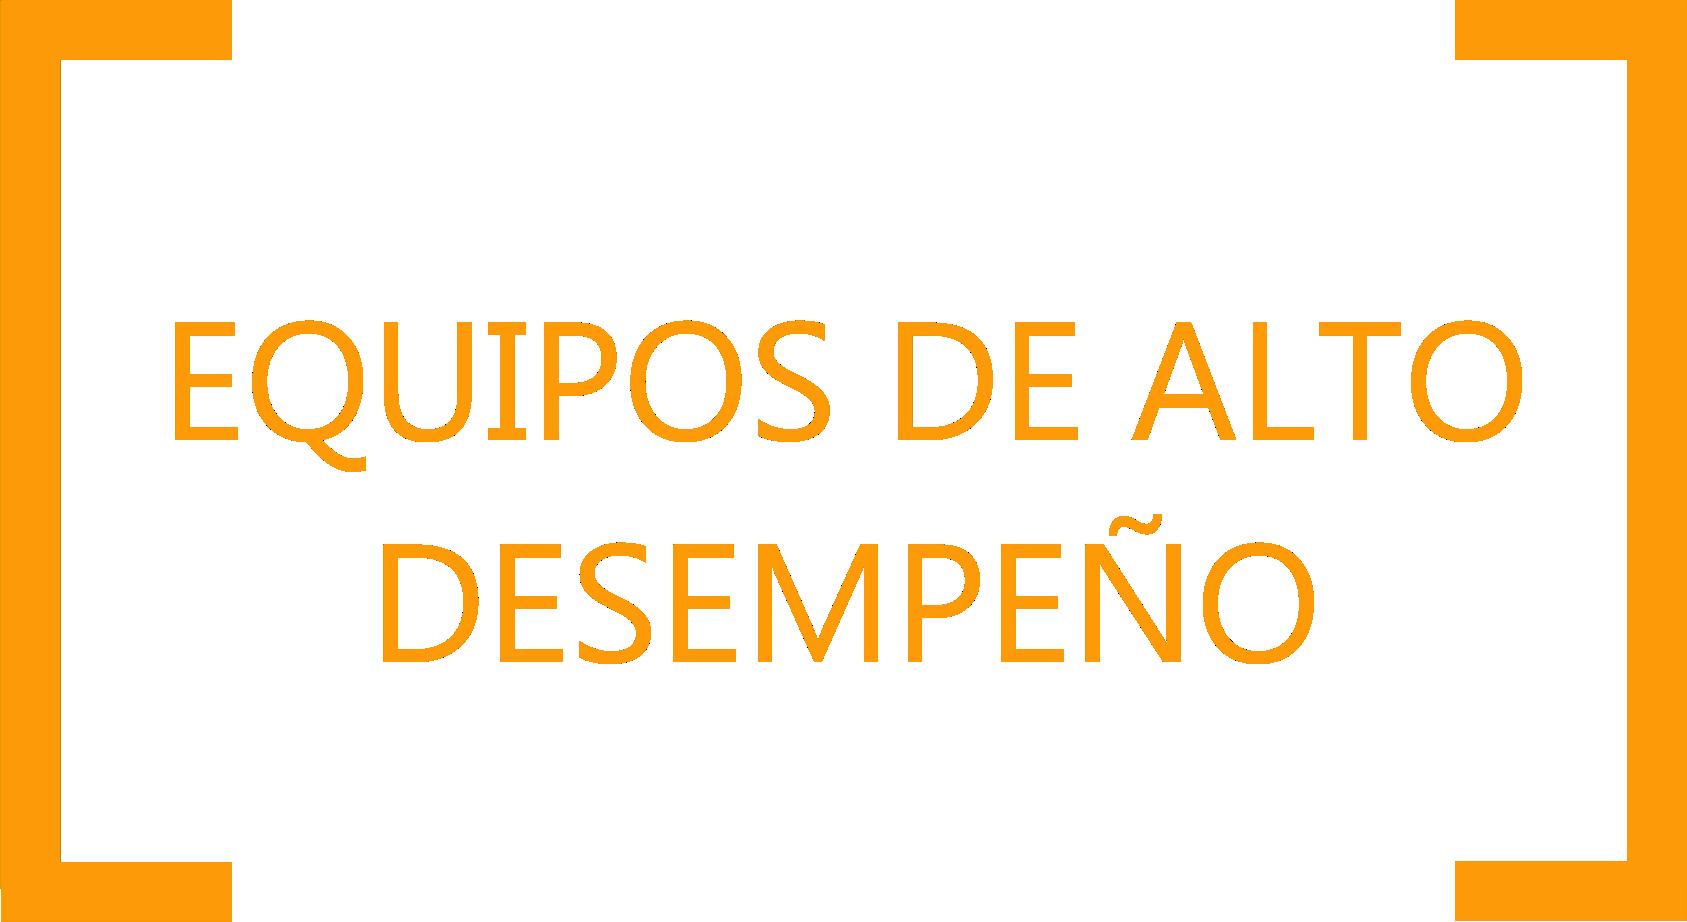 EQUIPOS DE ALTO DESEMPEÑO